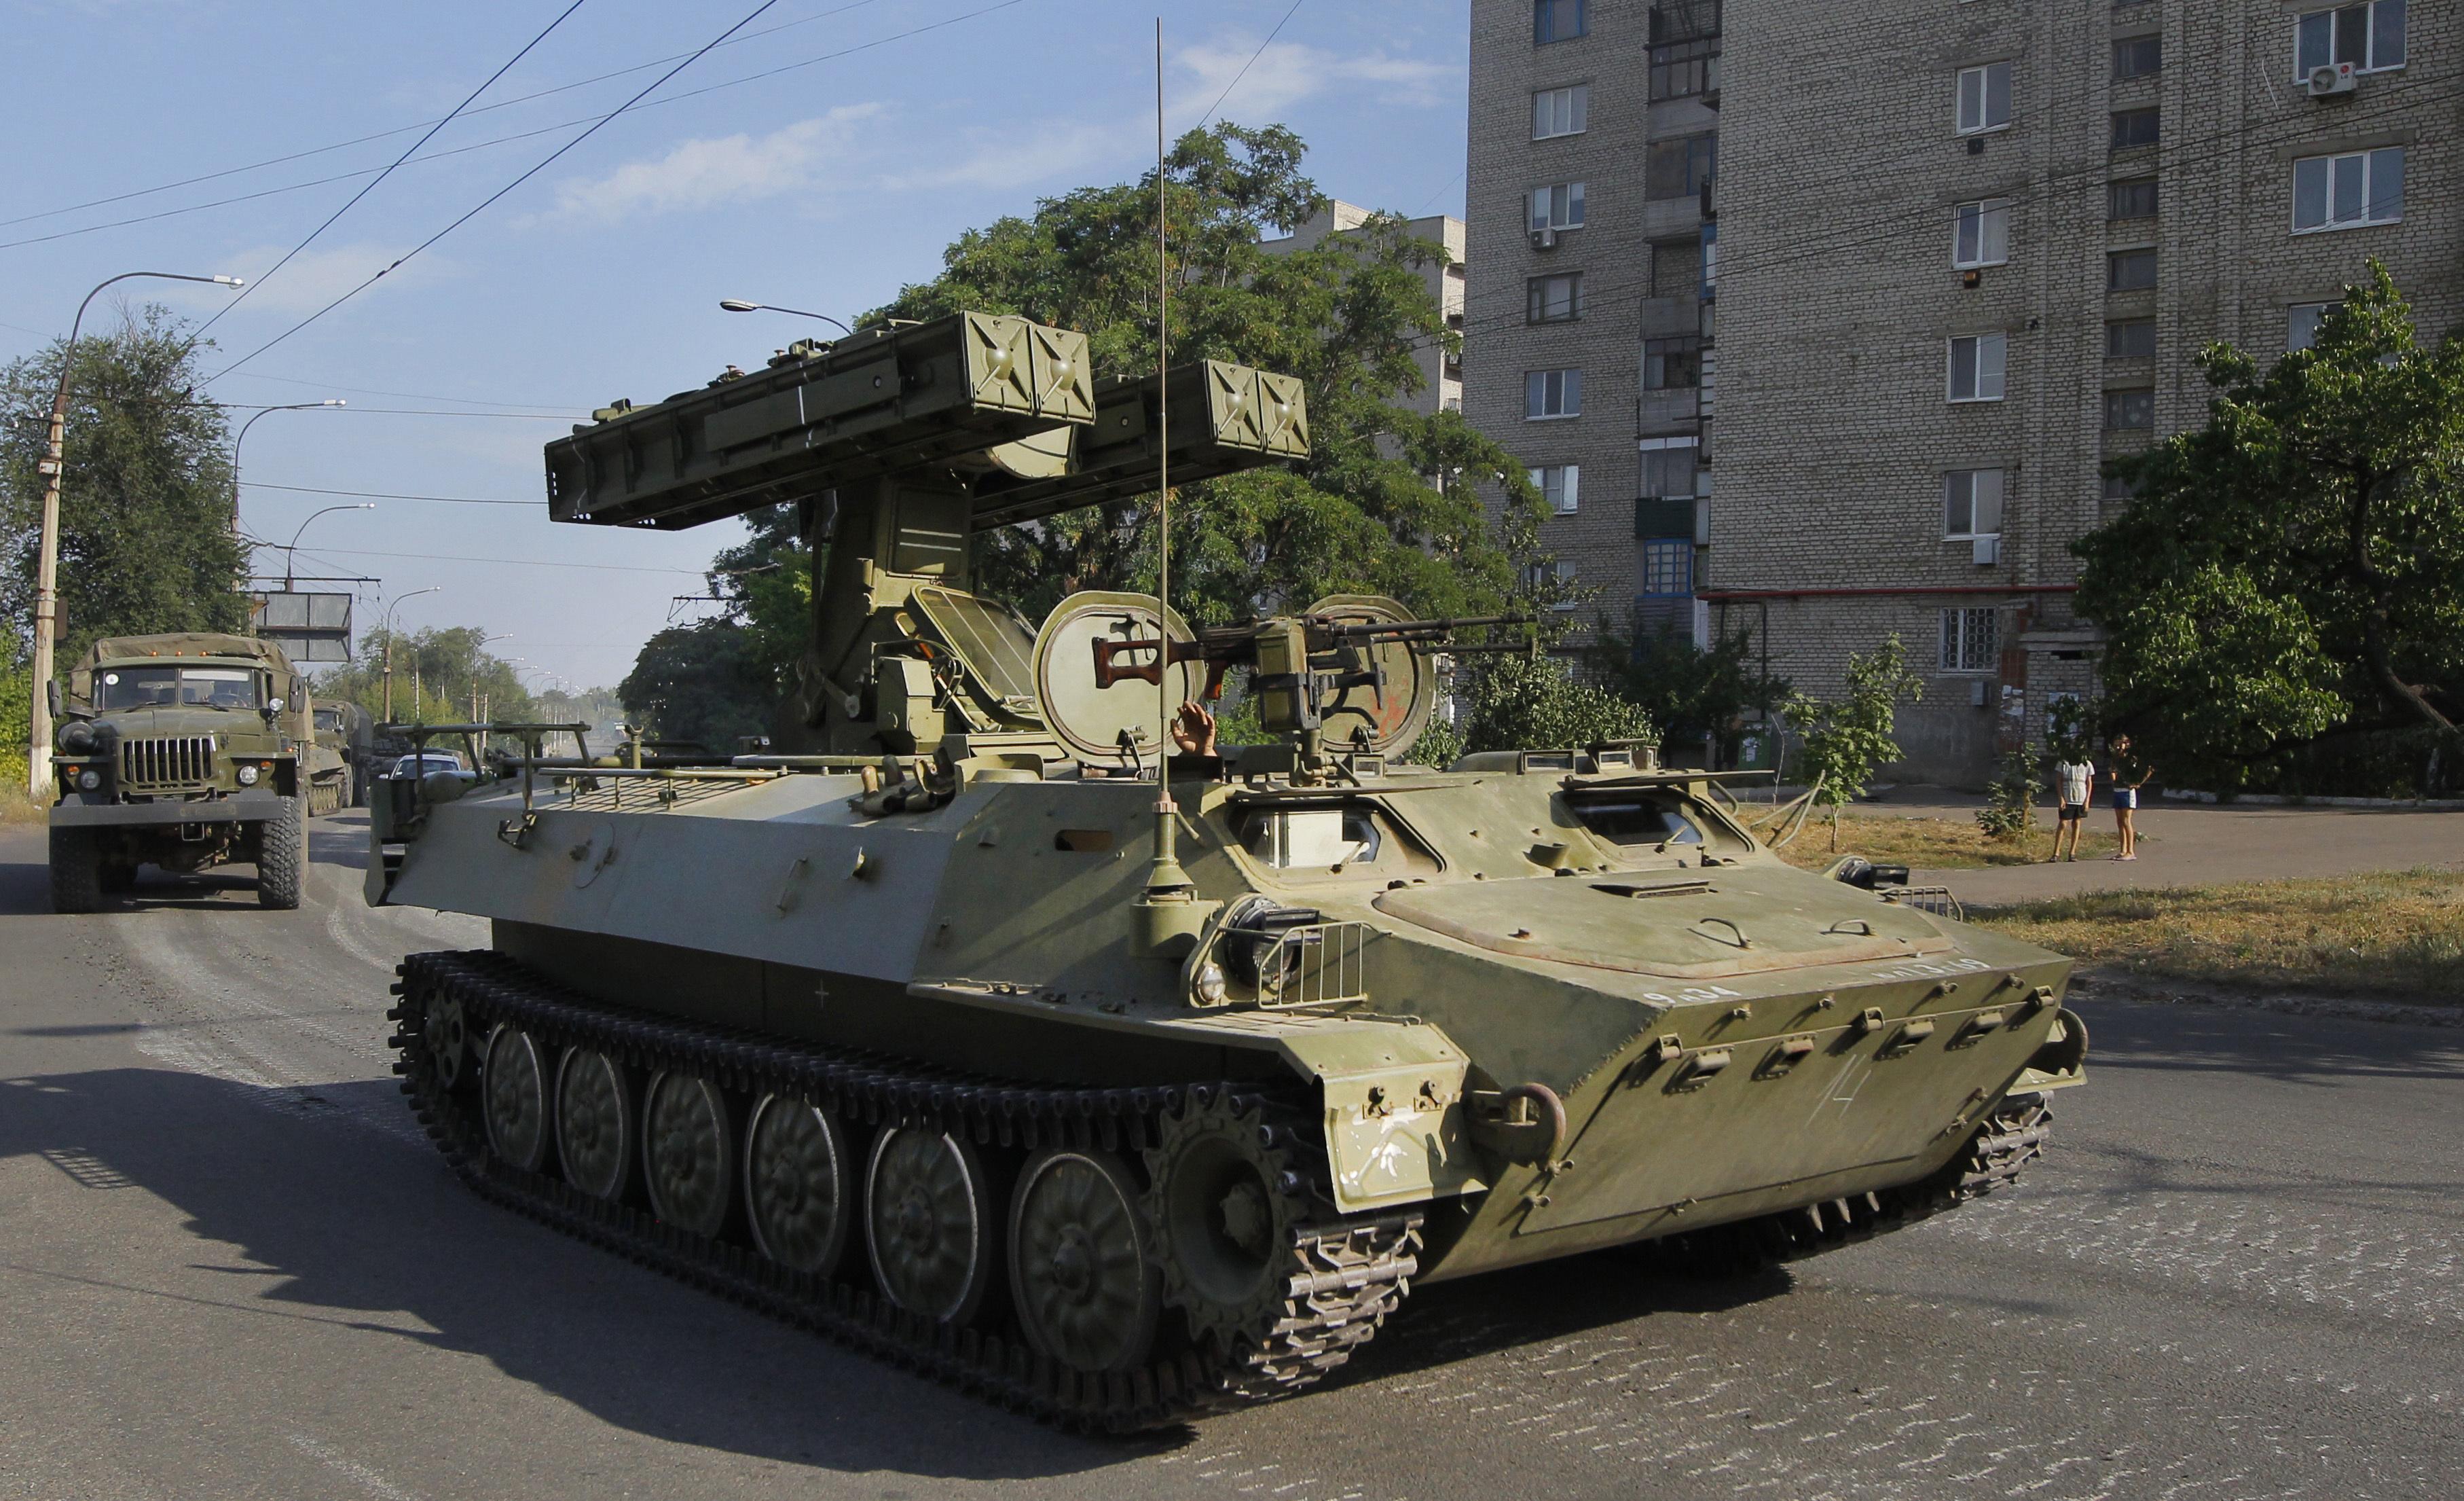 Az oroszok évekig tagadták, hogy közük lenne az ukrán háborúhoz, aztán véletlenül elfelejtettek kihúzni egy sort a fegyverszüneti megállapodásból